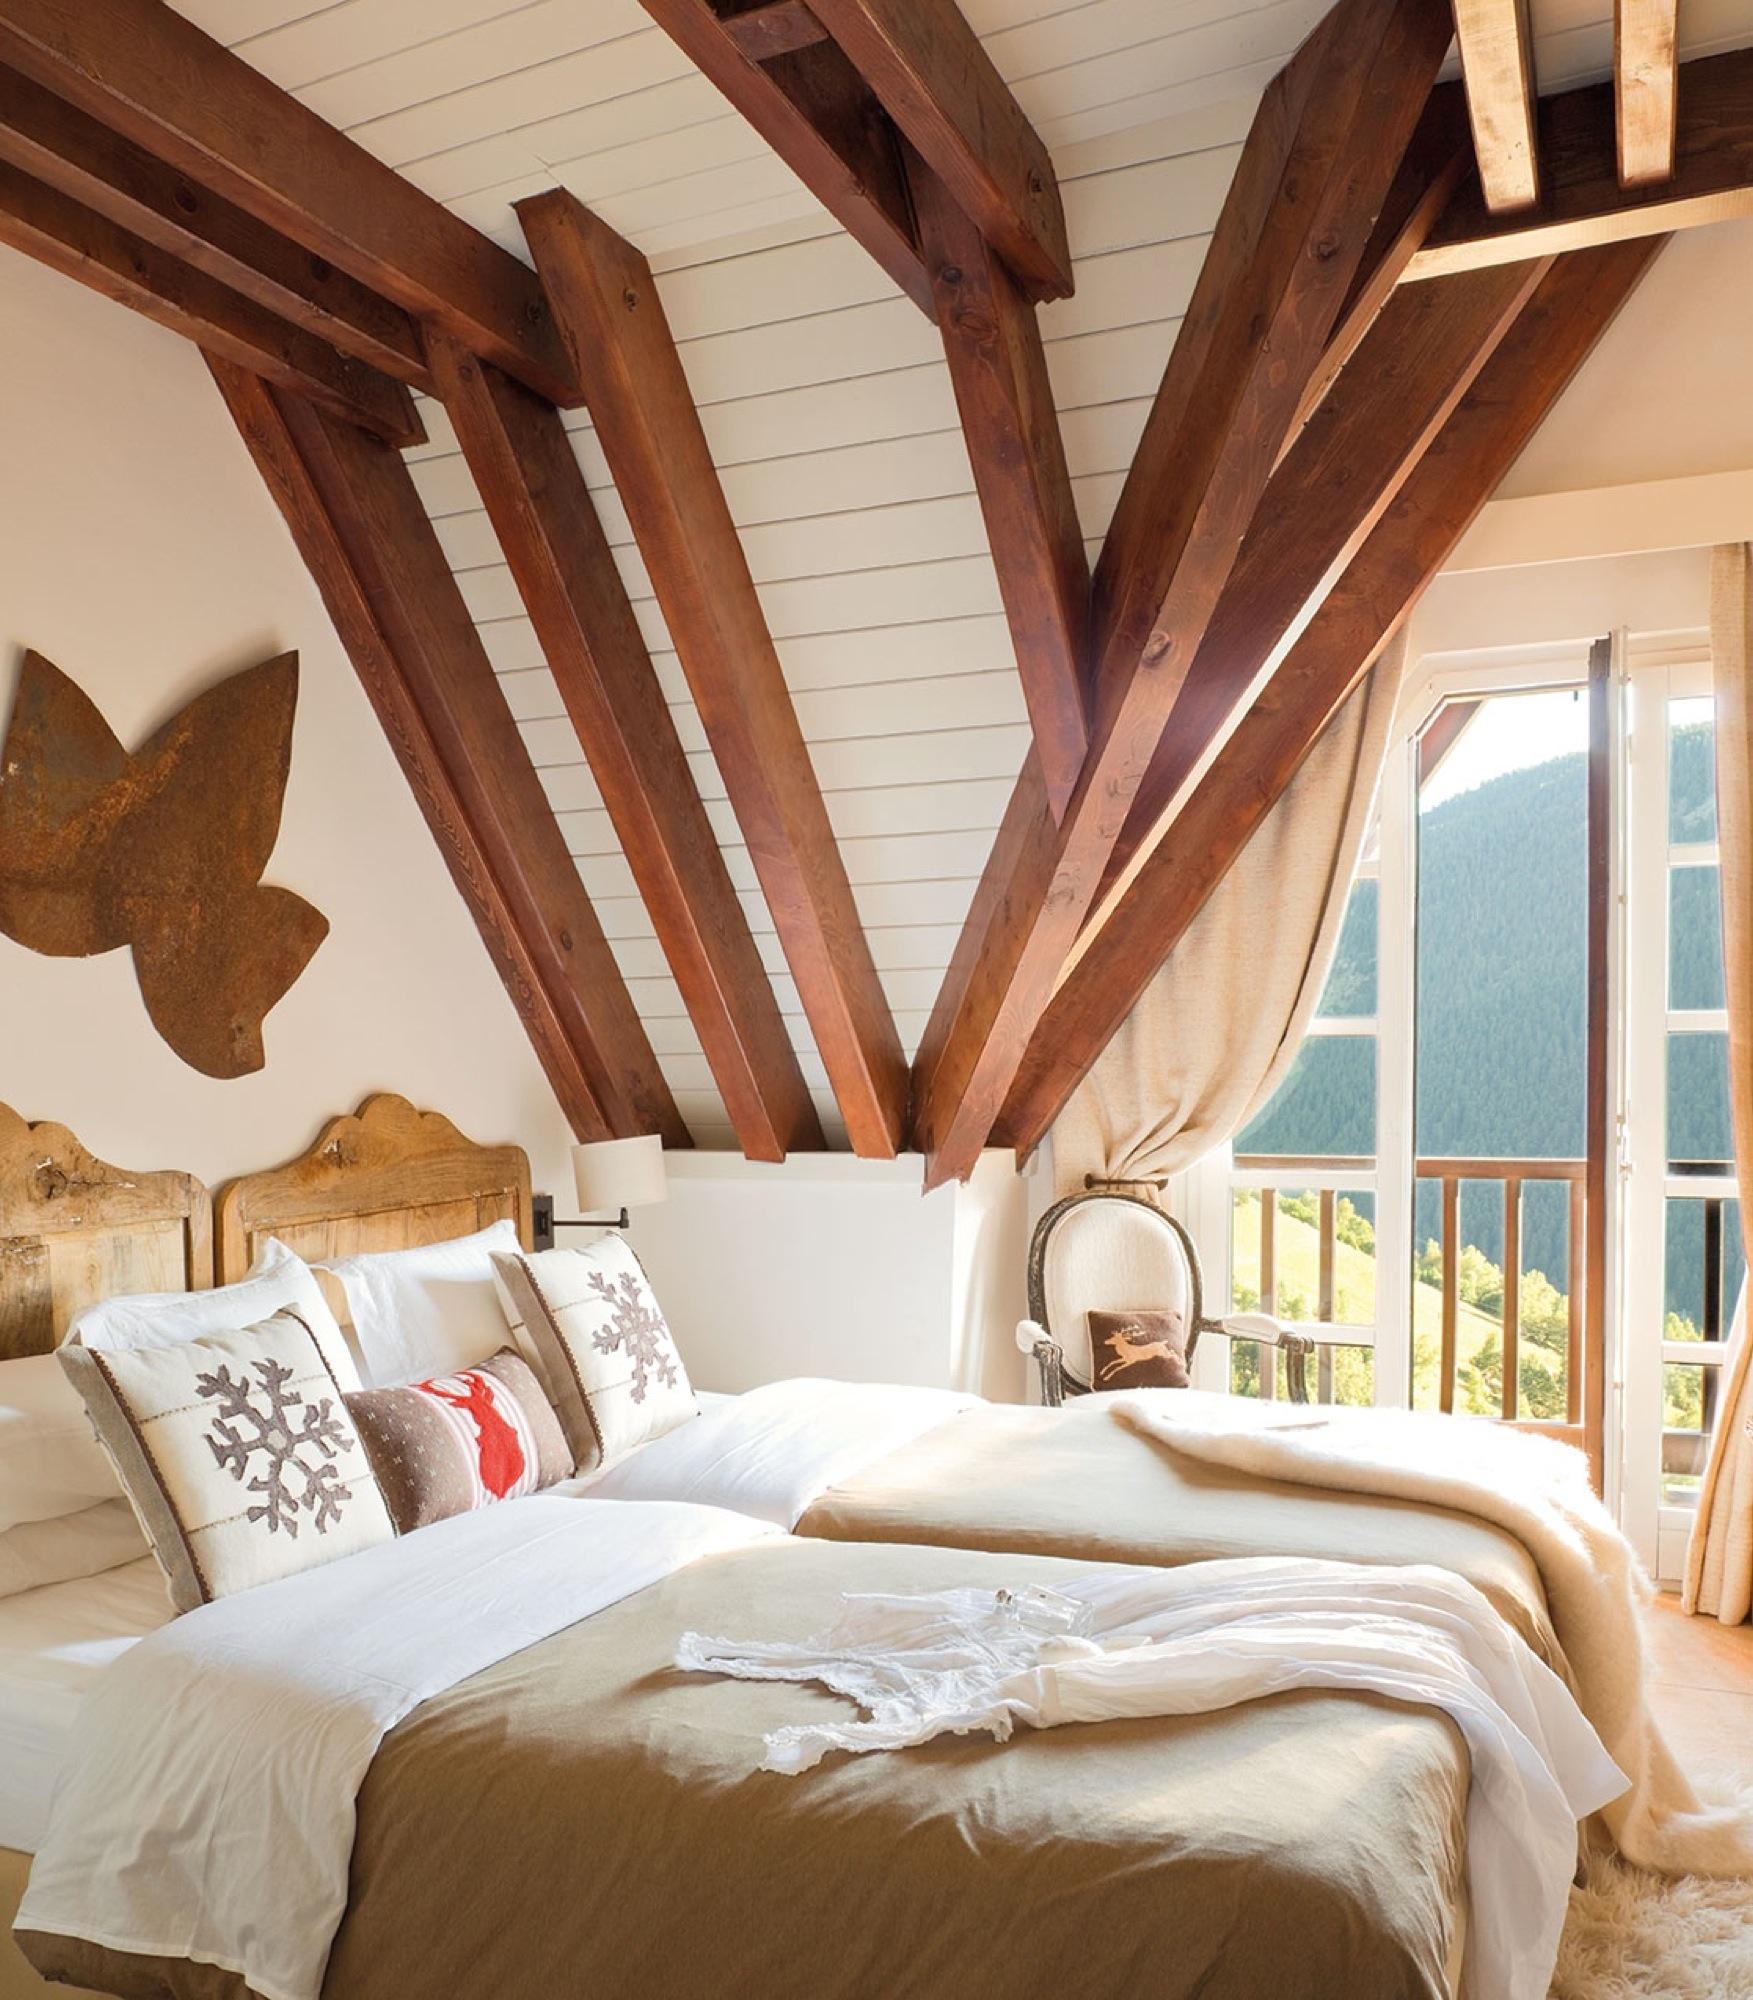 20 dormitorios r sticos con mucho encanto - Decoracion con vigas de madera ...